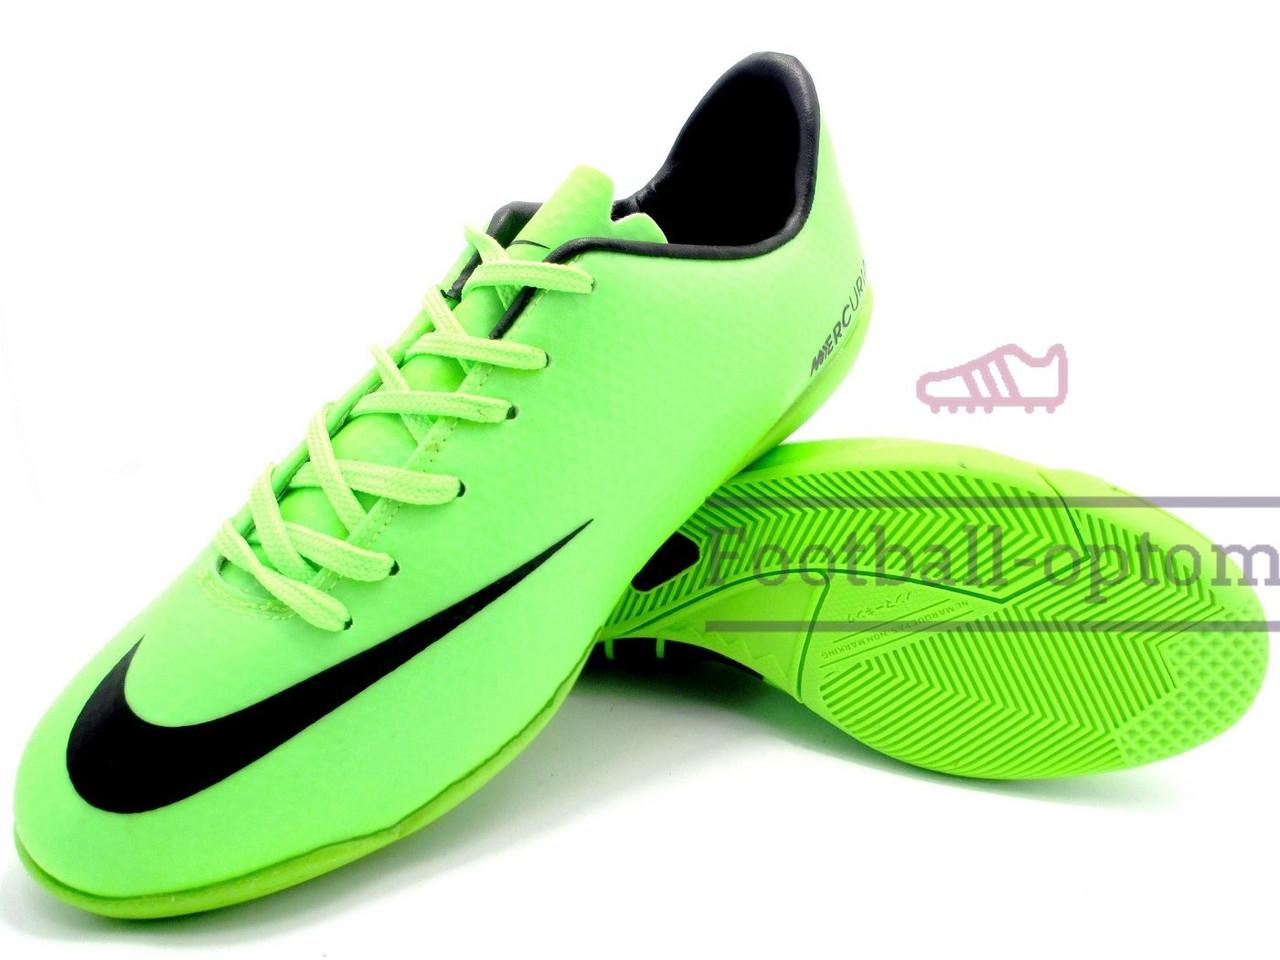 495698cb Футзалки (бампы) Nike Mercurial\Найк Меркуриал, салатовые,к11387 -  Футбольный супермаркет